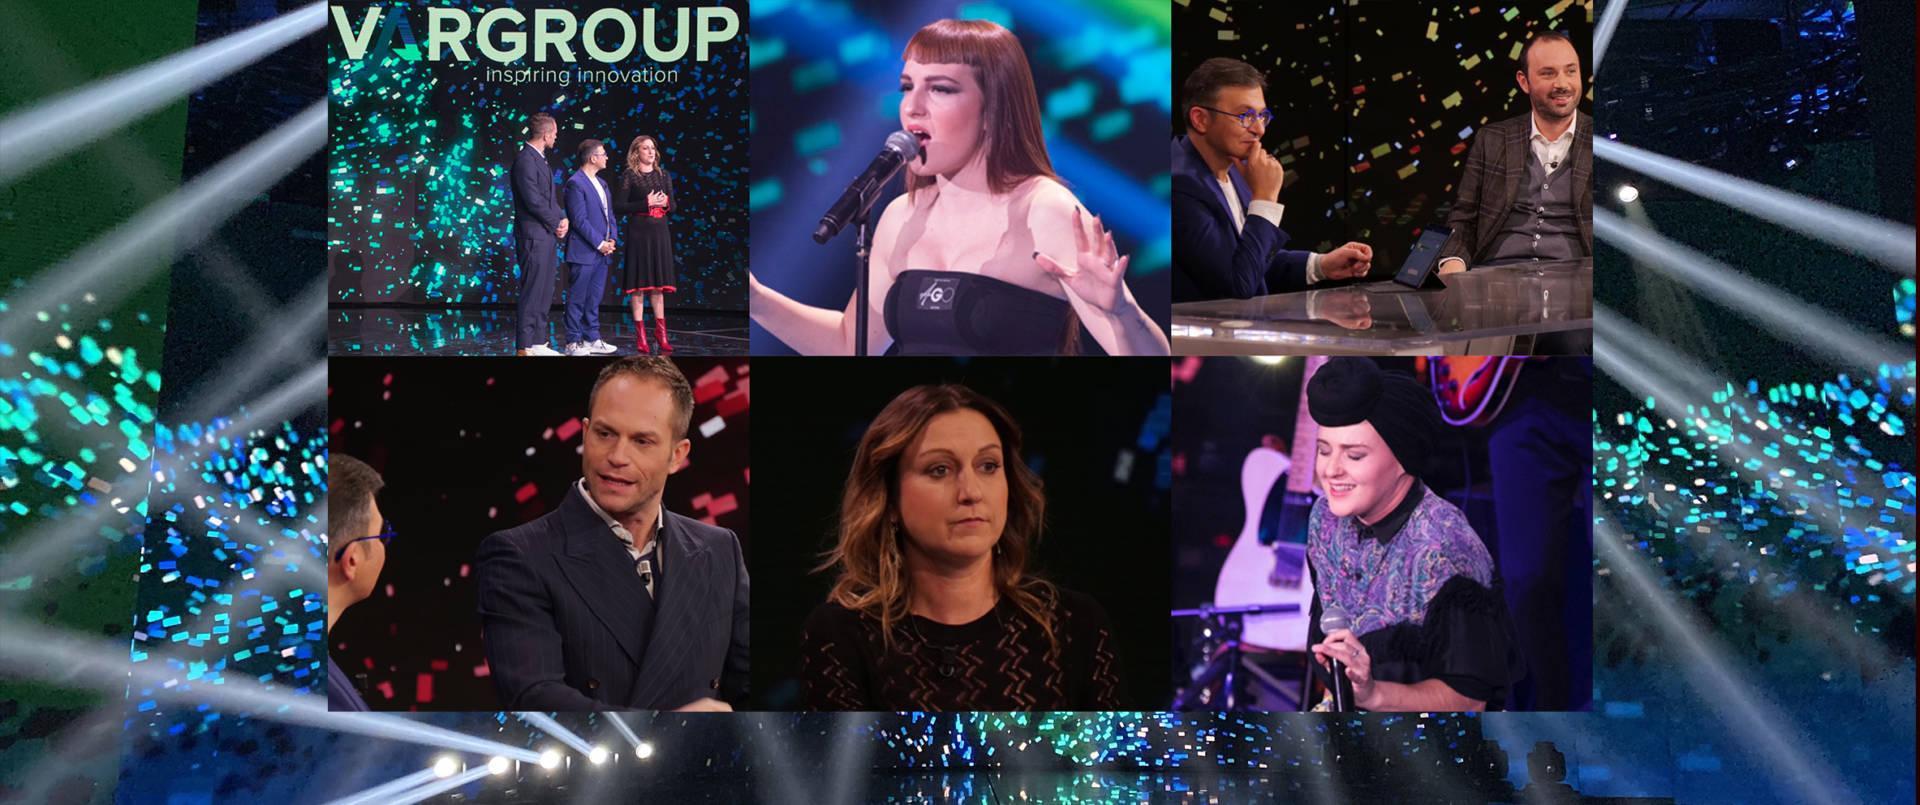 Var Group Show: lo spettacolo della tecnologia, il video completo